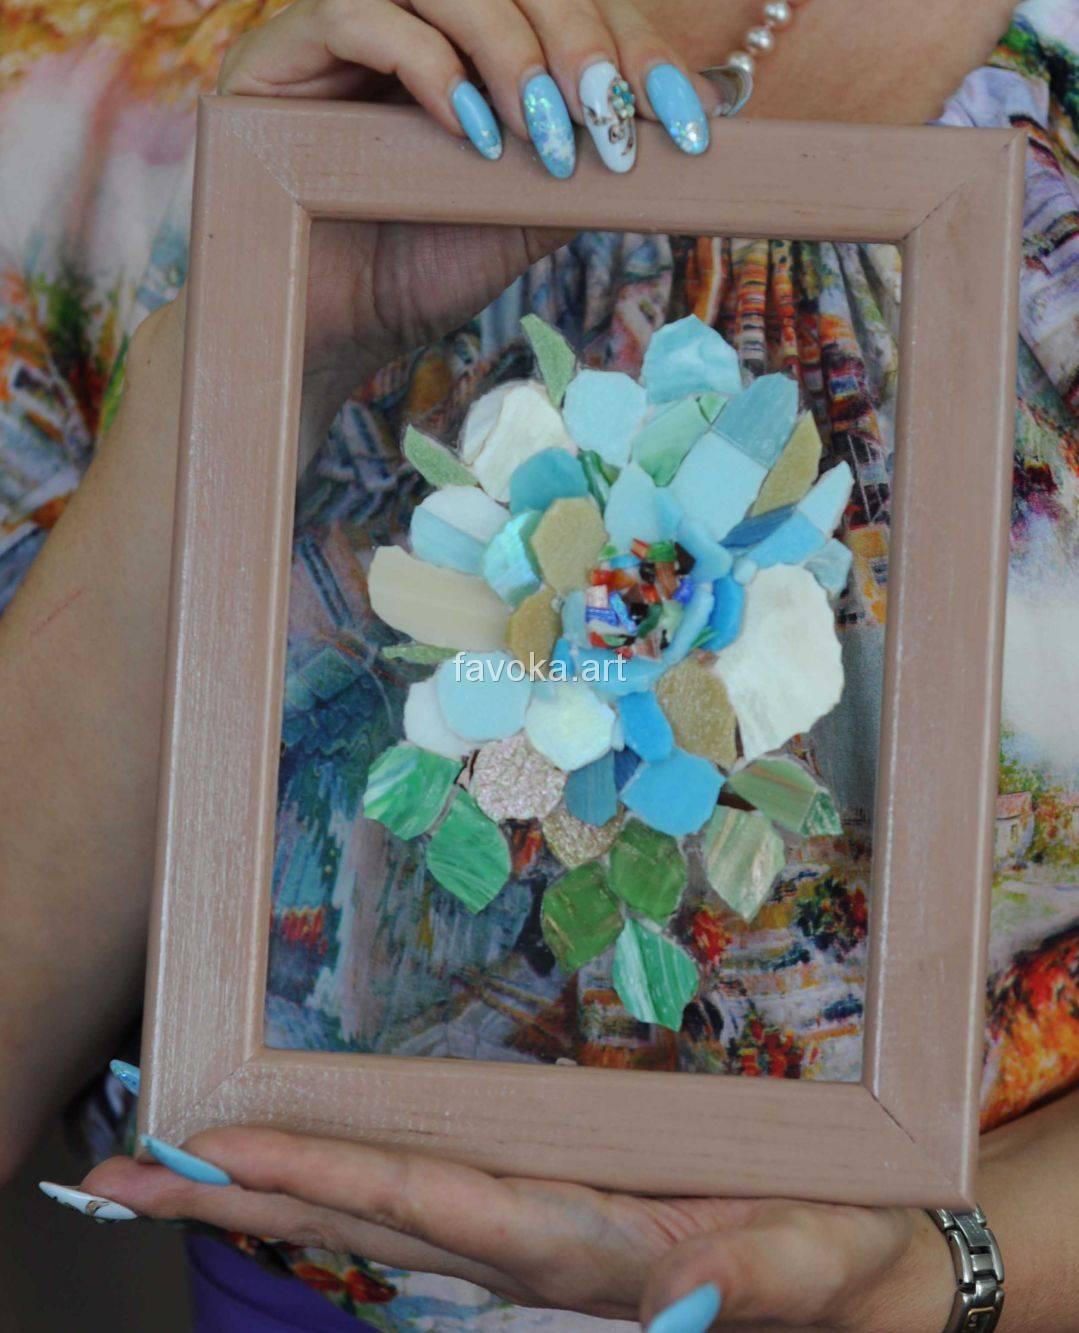 """Наша ученица с очаровательной Картиной, на которой изображён красивейший эскиз - нежный голубой цветок, сделанной из мозаики, после нашего мастер-класса """"Цветы на стекле""""."""